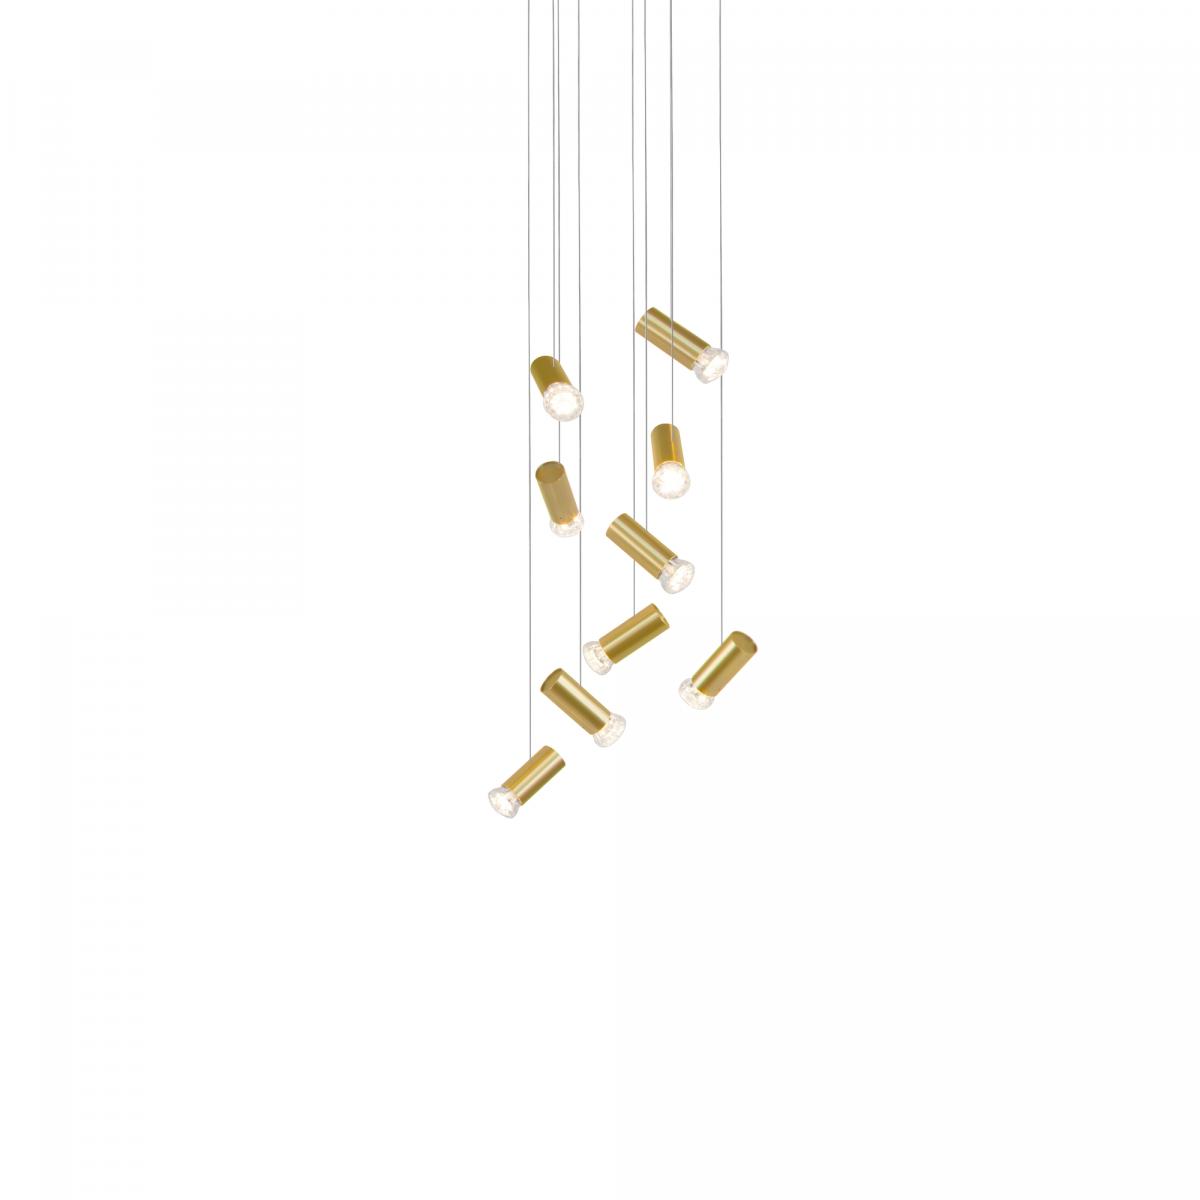 JSPR Jewels Angled 9 Gold Exclusieve Dutchdesign Verlichting